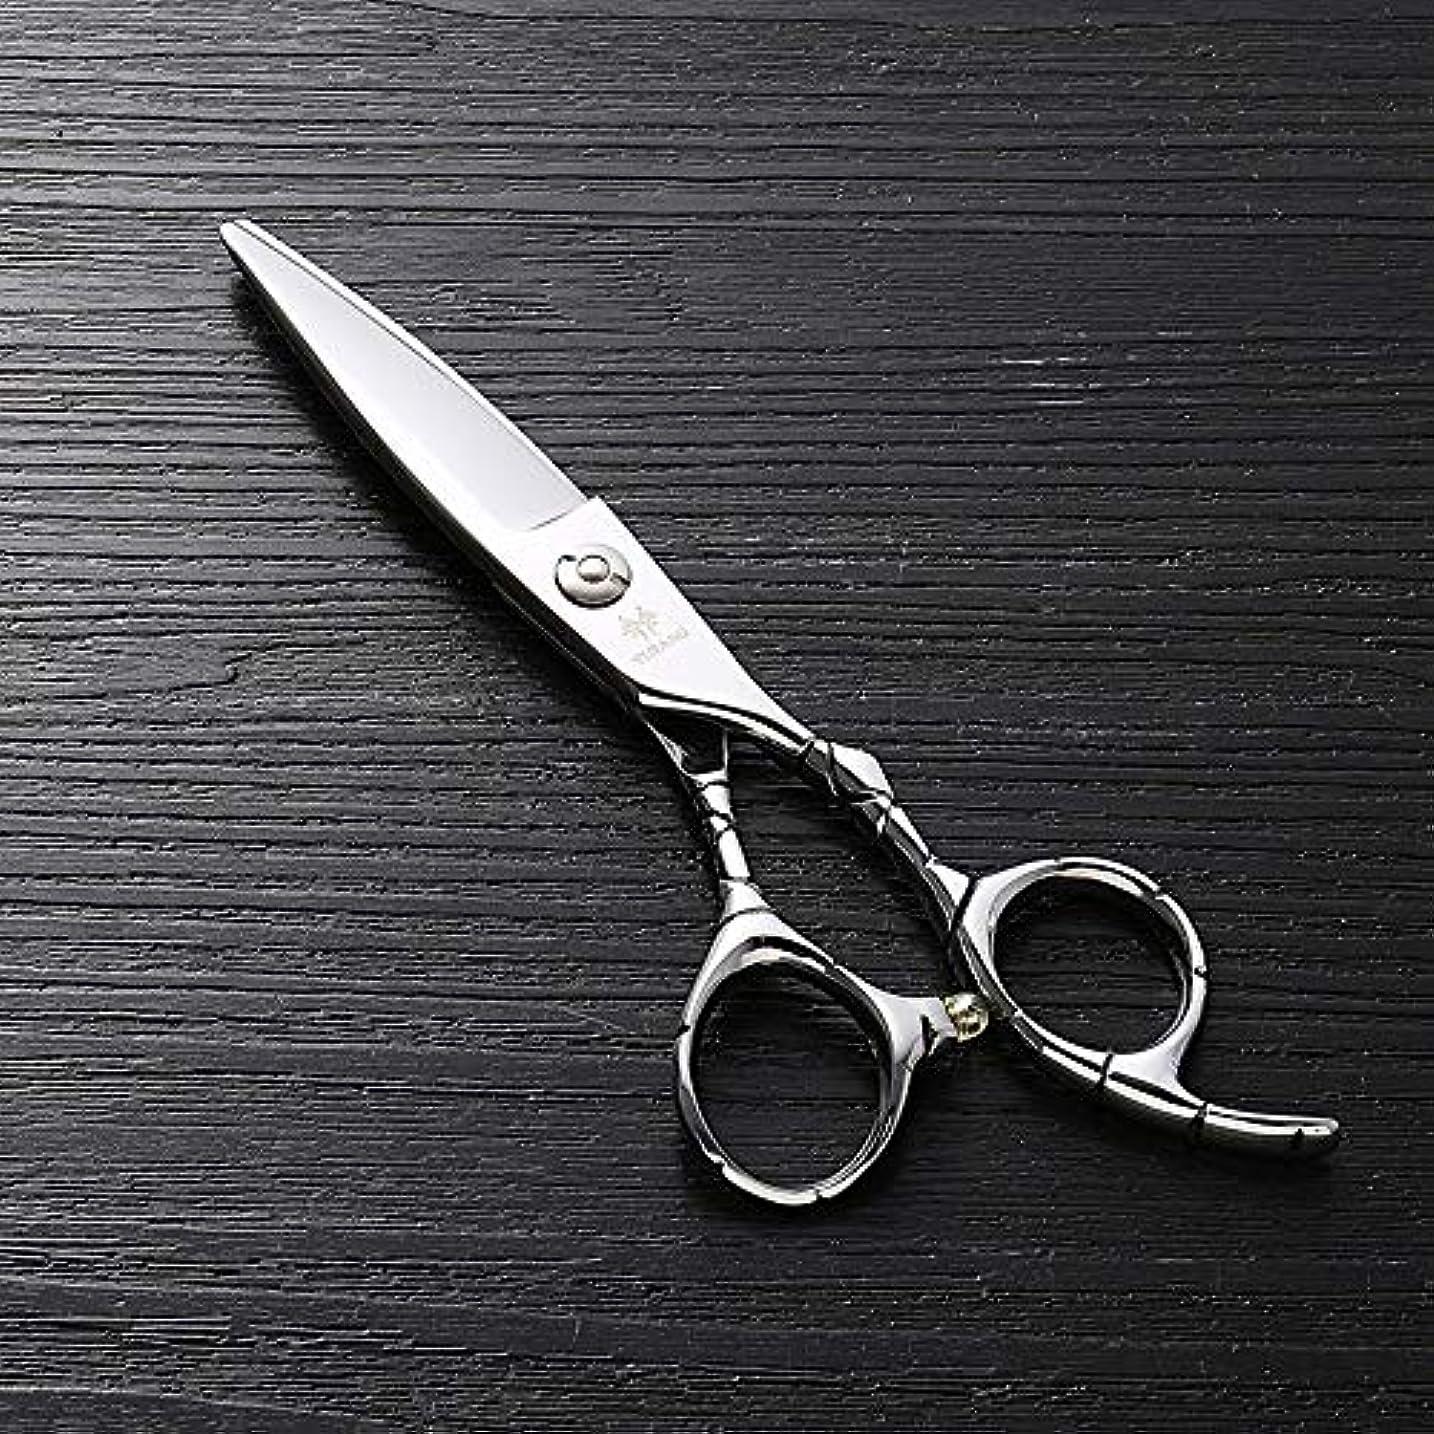 除去間勧告理髪用はさみ 6インチ美容院プロフェッショナルハイエンド理髪はさみ、ステンレス鋼ランセット脂肪フラットシアーヘアカットシザーステンレス理髪はさみ (色 : Silver)